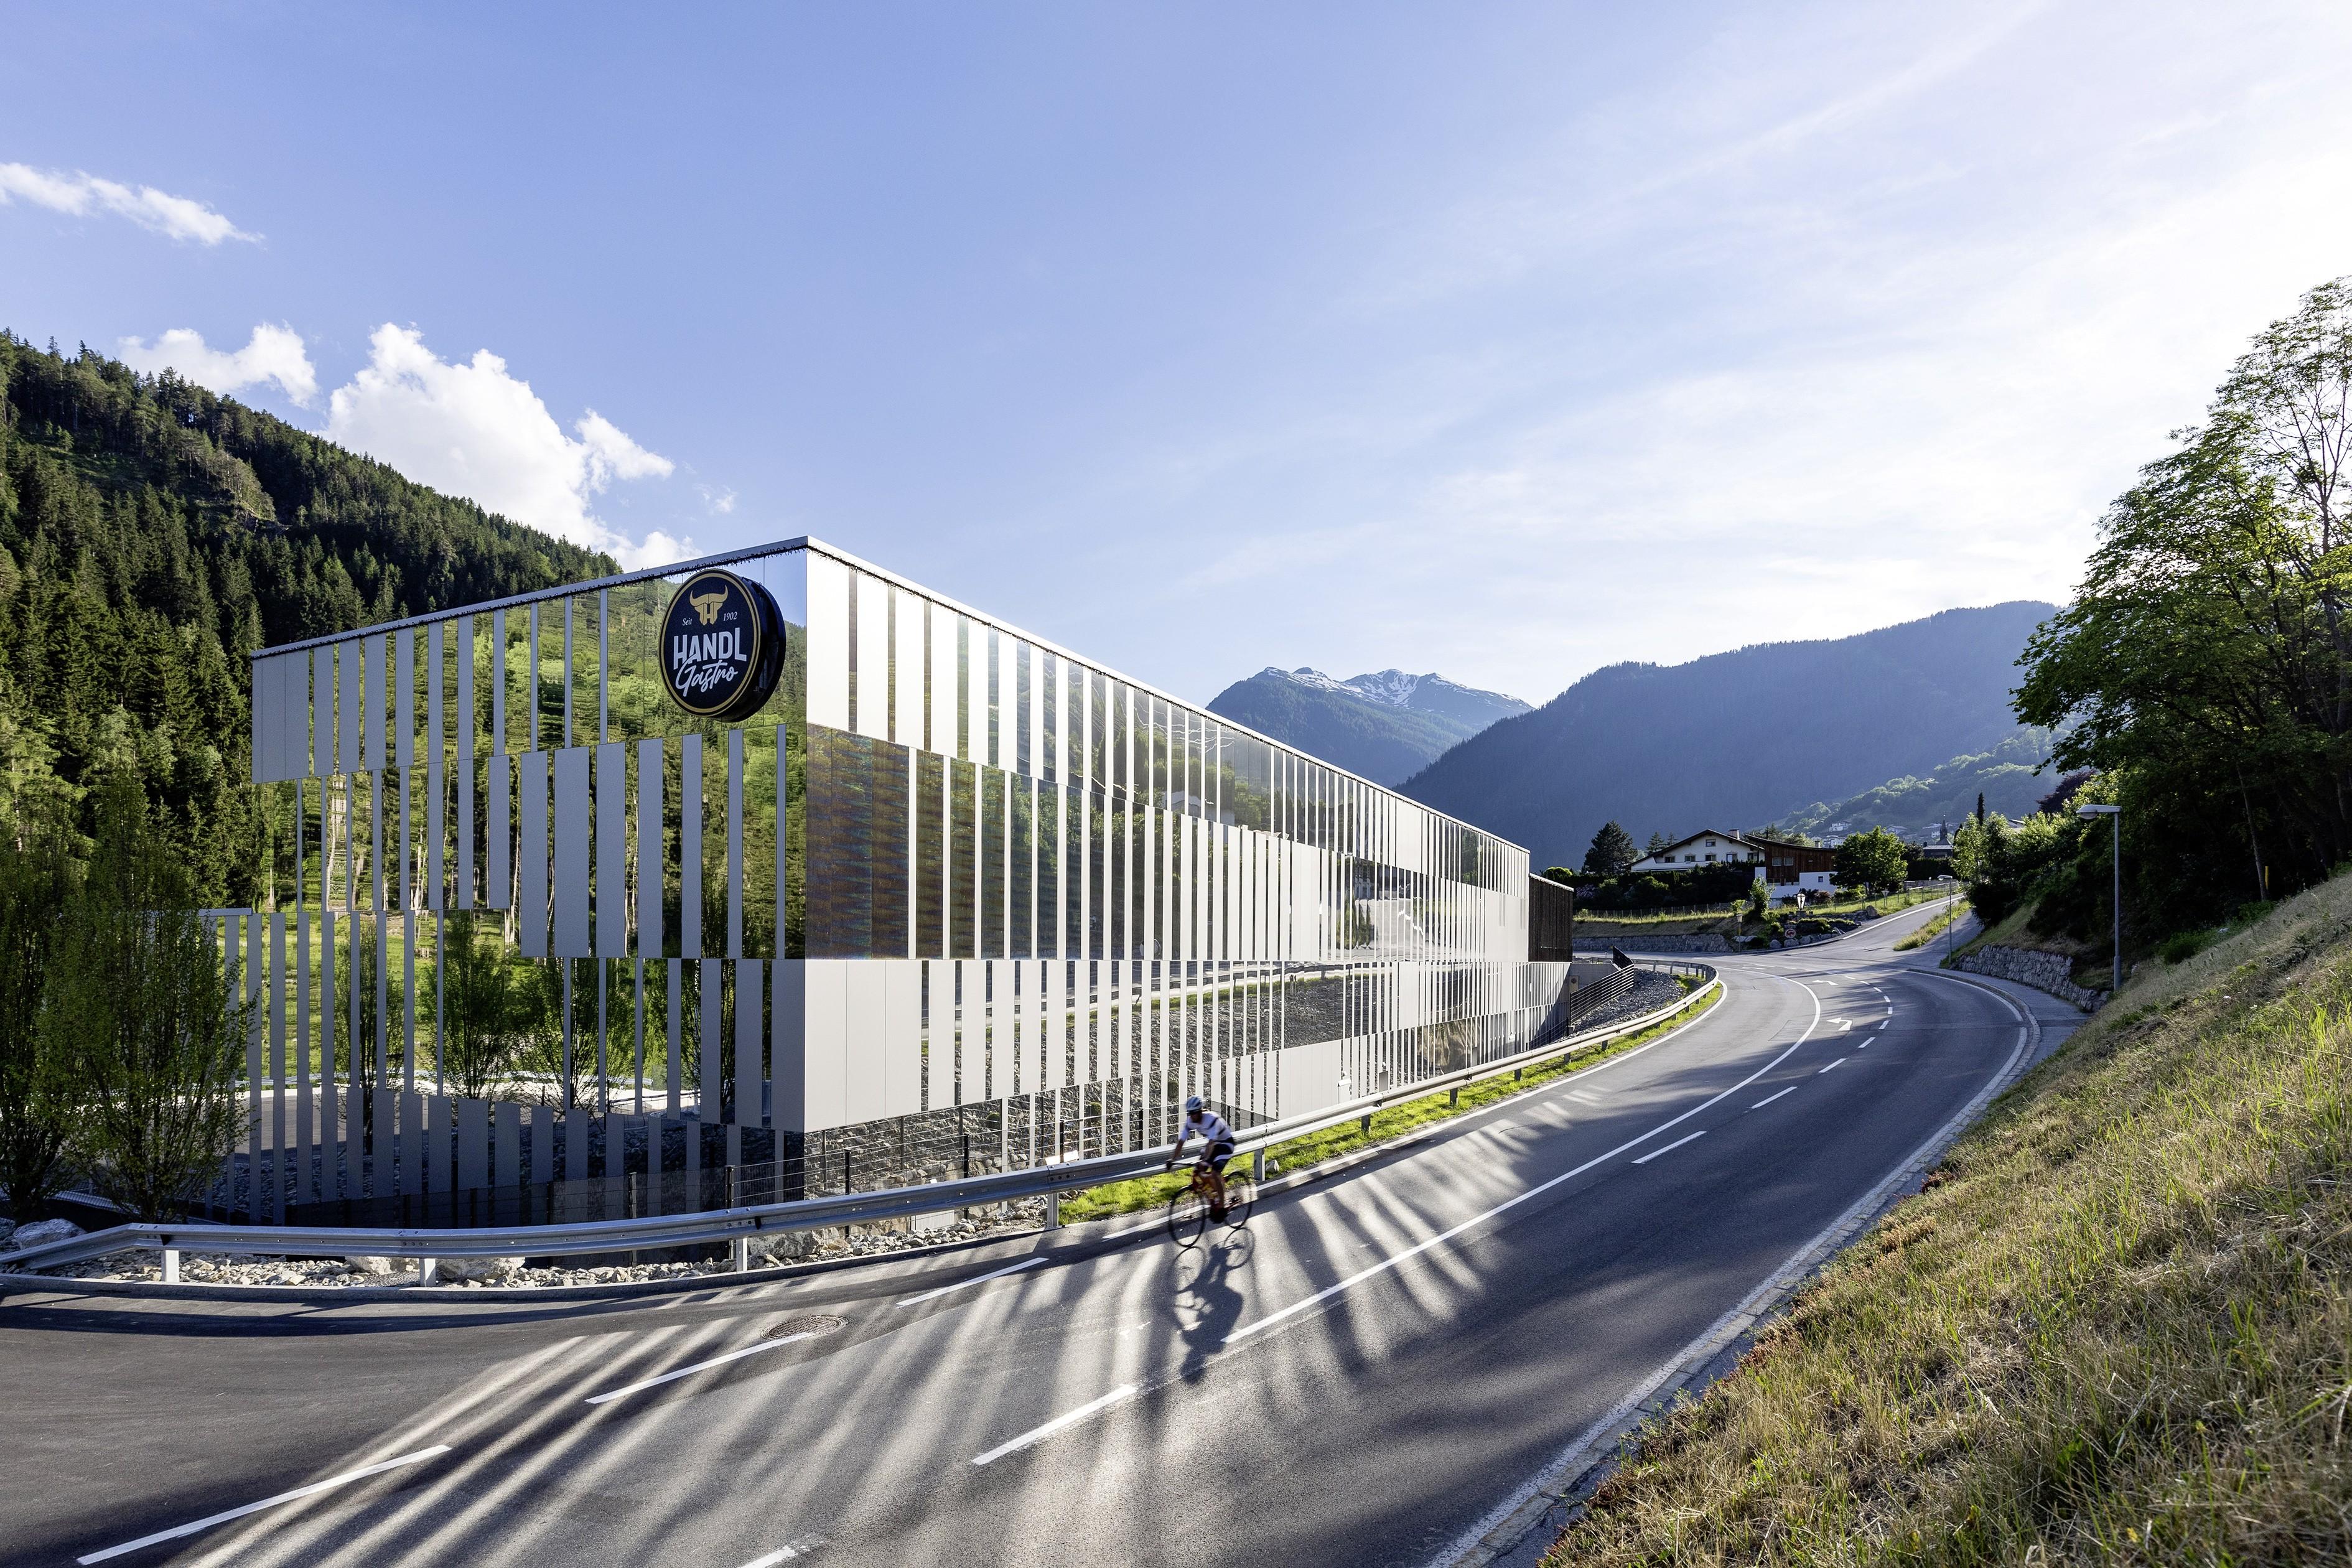 Handl Gastro Service – in Hanglage zwischen dem Fluss Sanna und der Straße zum Arlberg.<br><span class='image_copyright'>ATP/Bause</span><br>